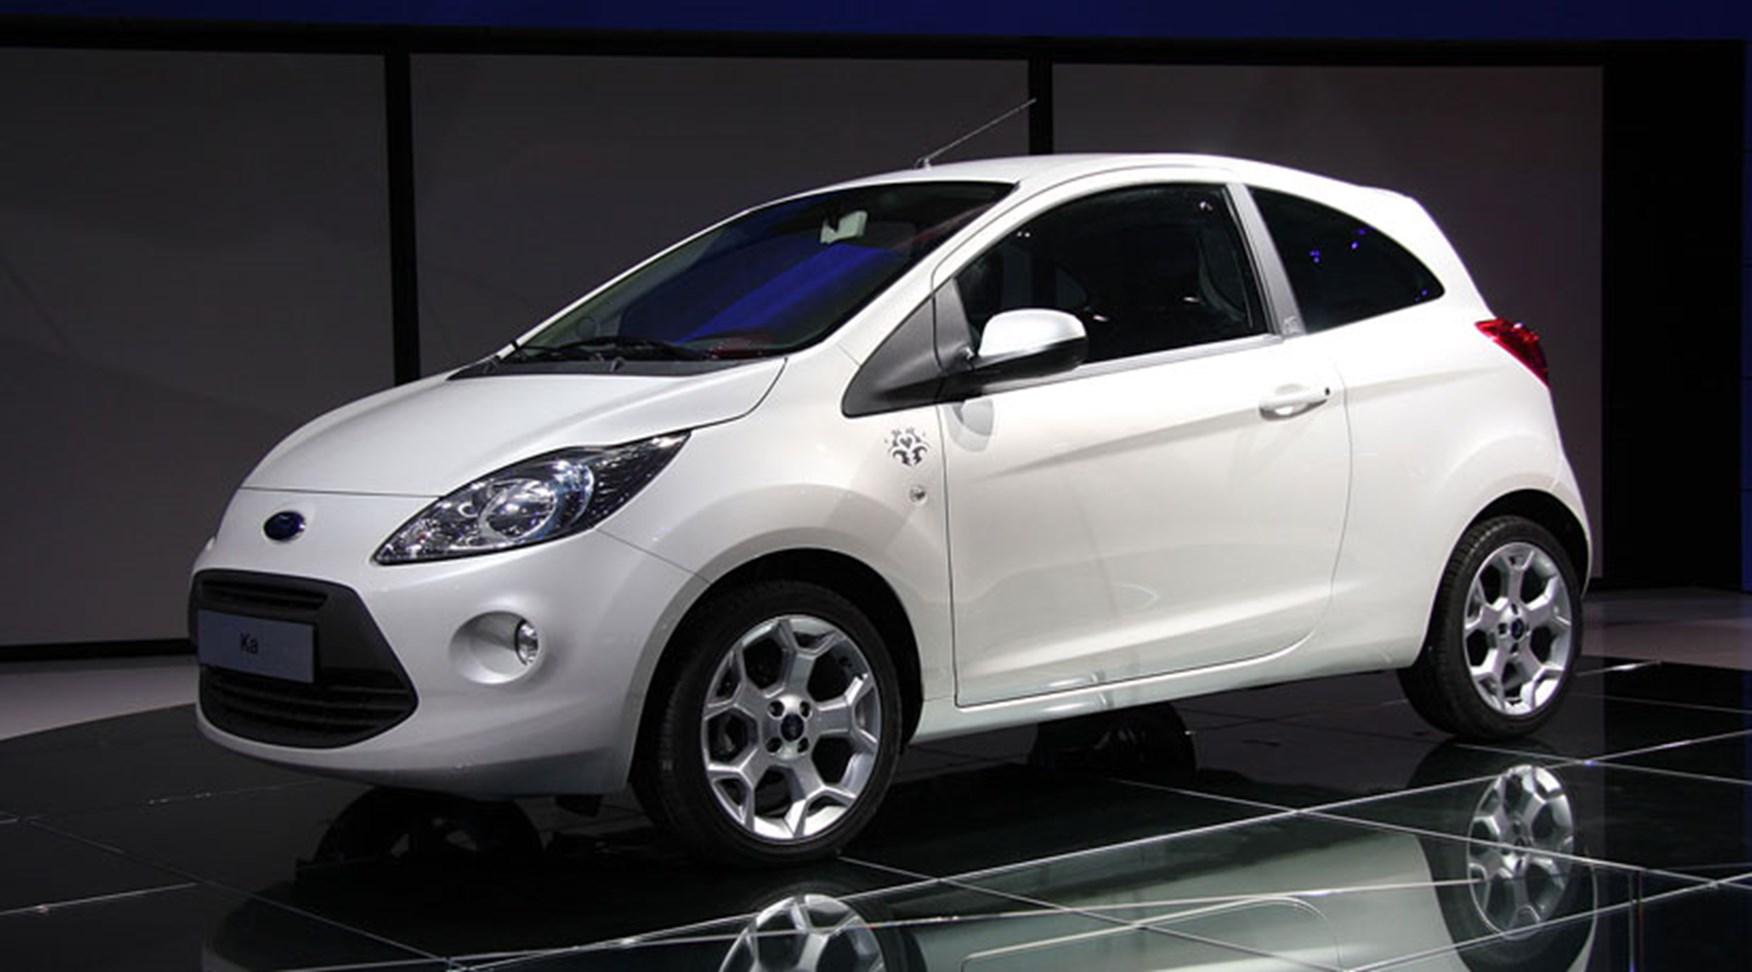 Ford Ka Is It A Little Bit Too Identikit Fiat European Small Car